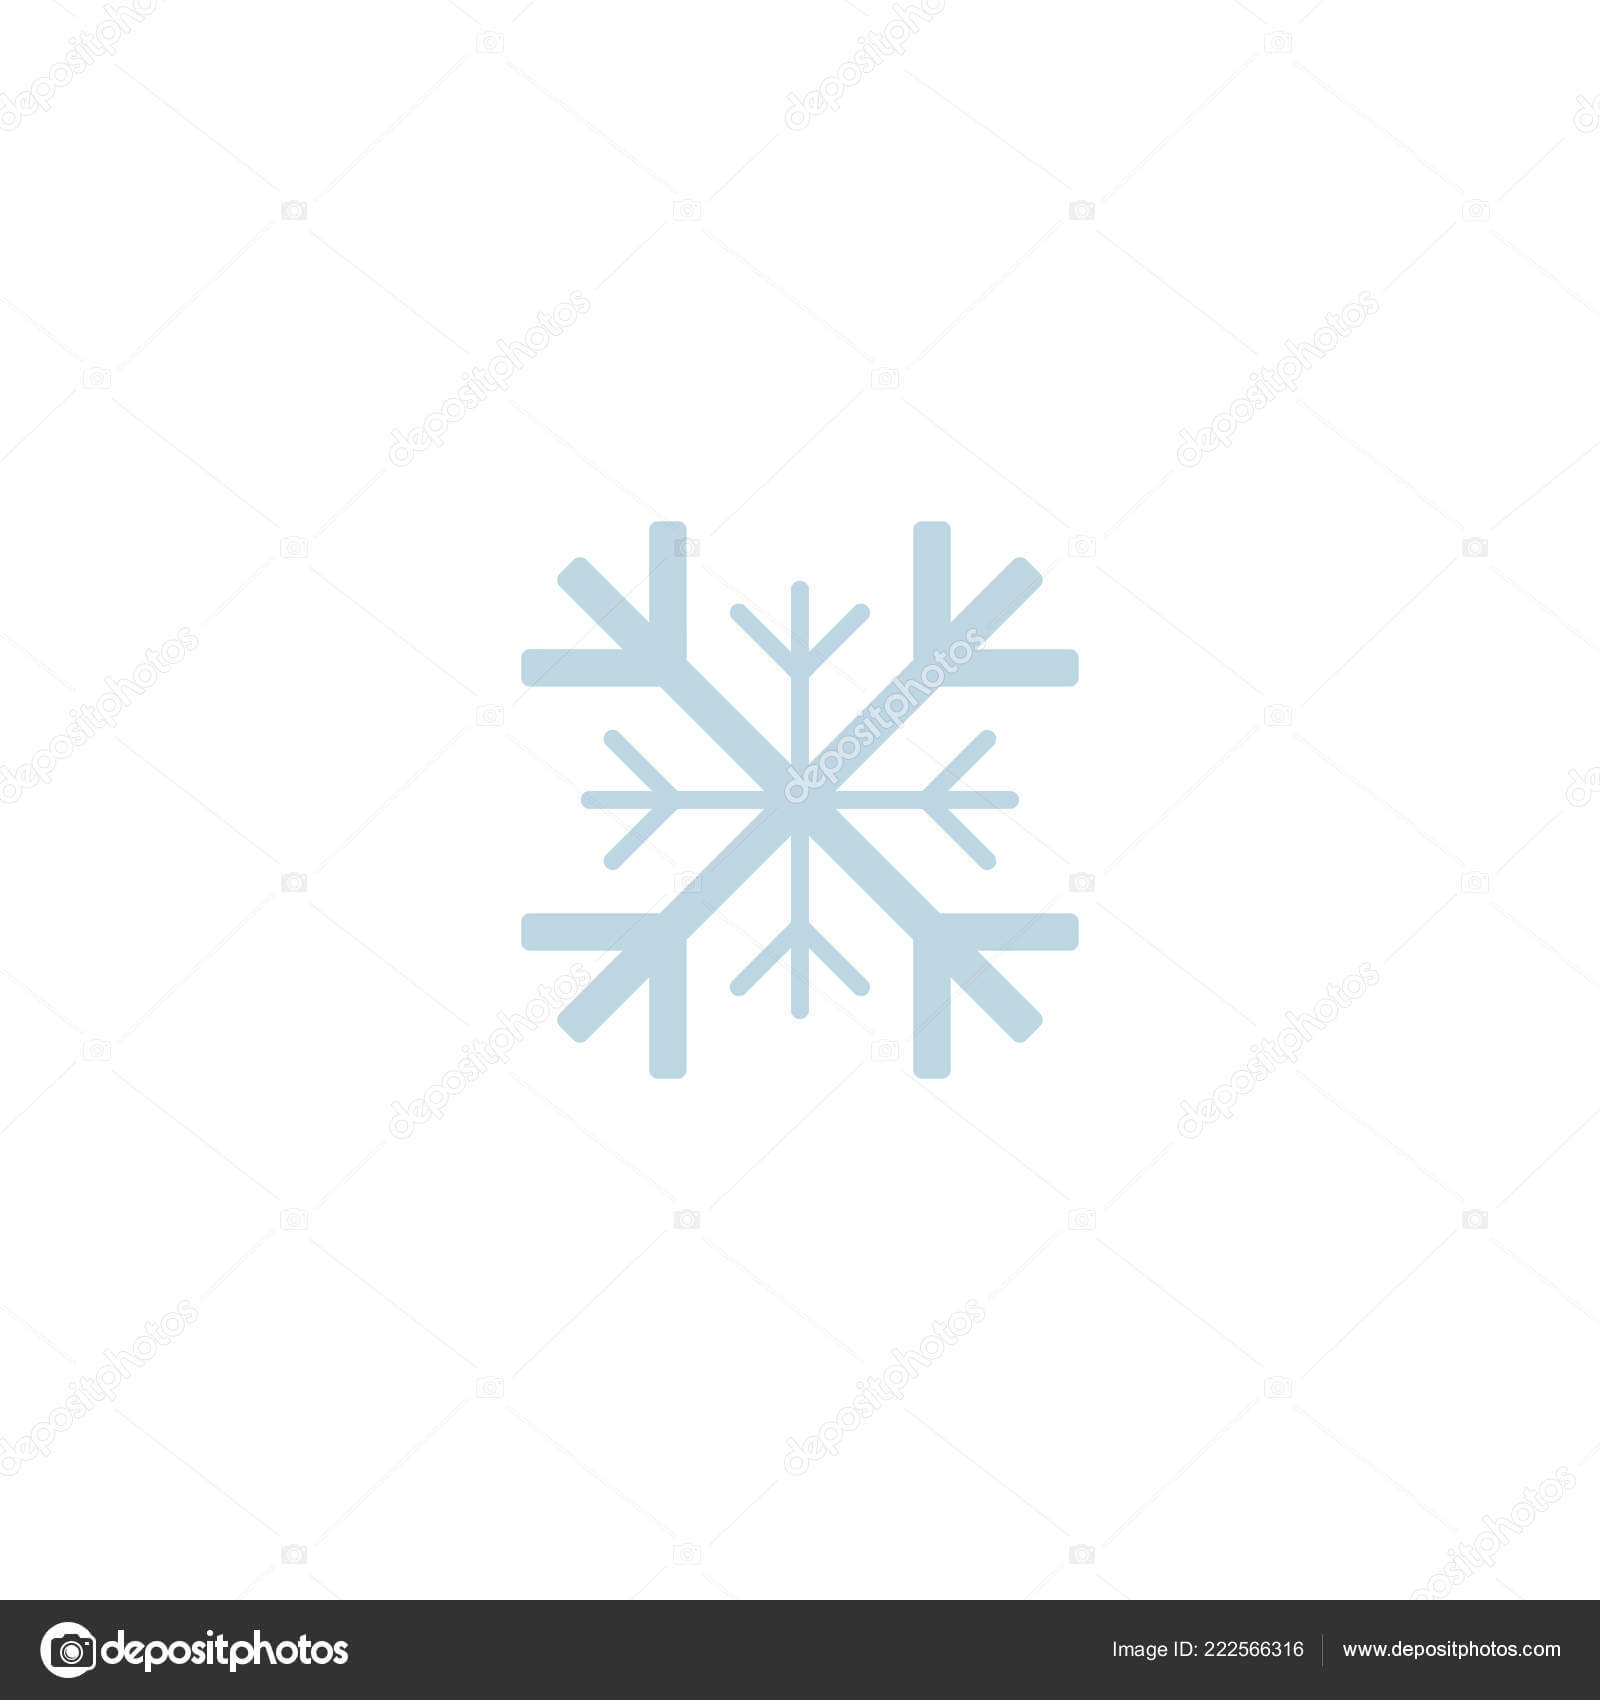 Blank Snowflake Template | Snowflake Icon Template Christmas For Blank Snowflake Template